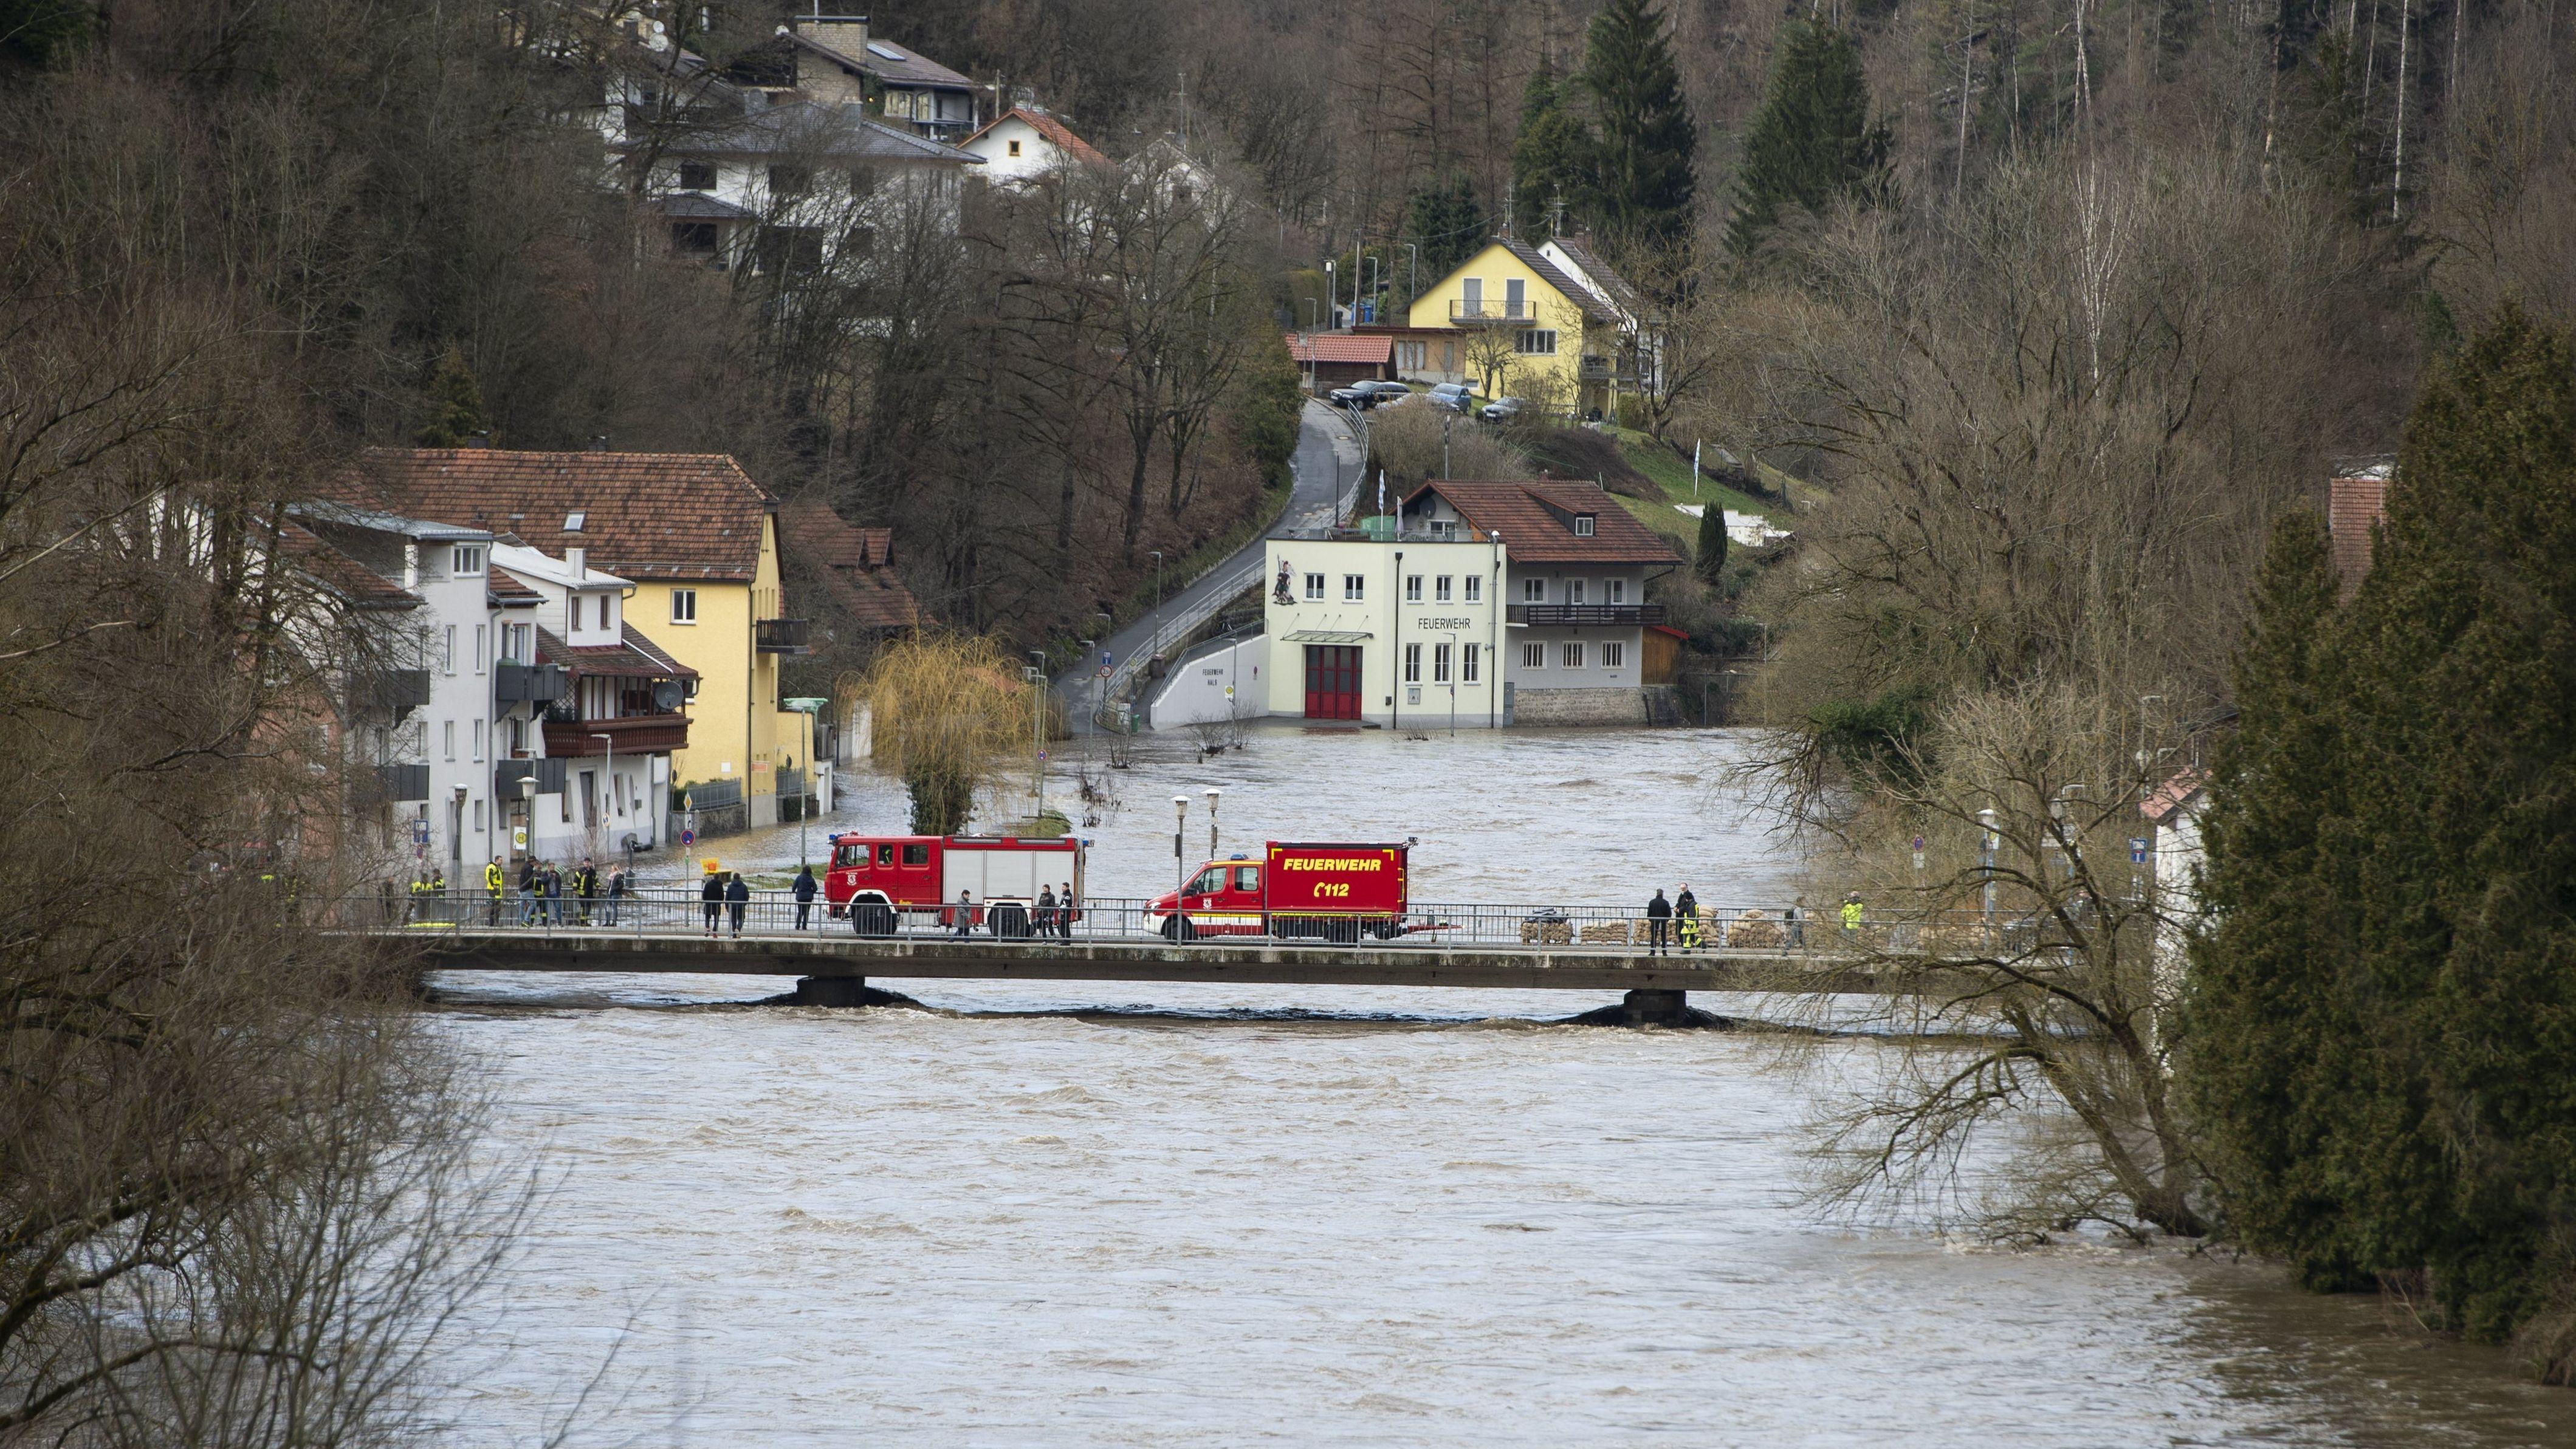 Feuerwehrfahrzeuge auf der Ilzbrücke während des Hochwassers im März 2019